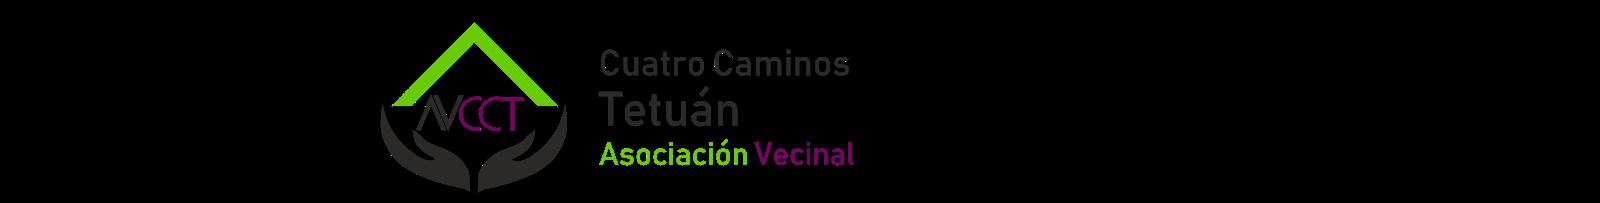 Asociación Vecinal Solidaridad Cuatro Caminos-Tetuán